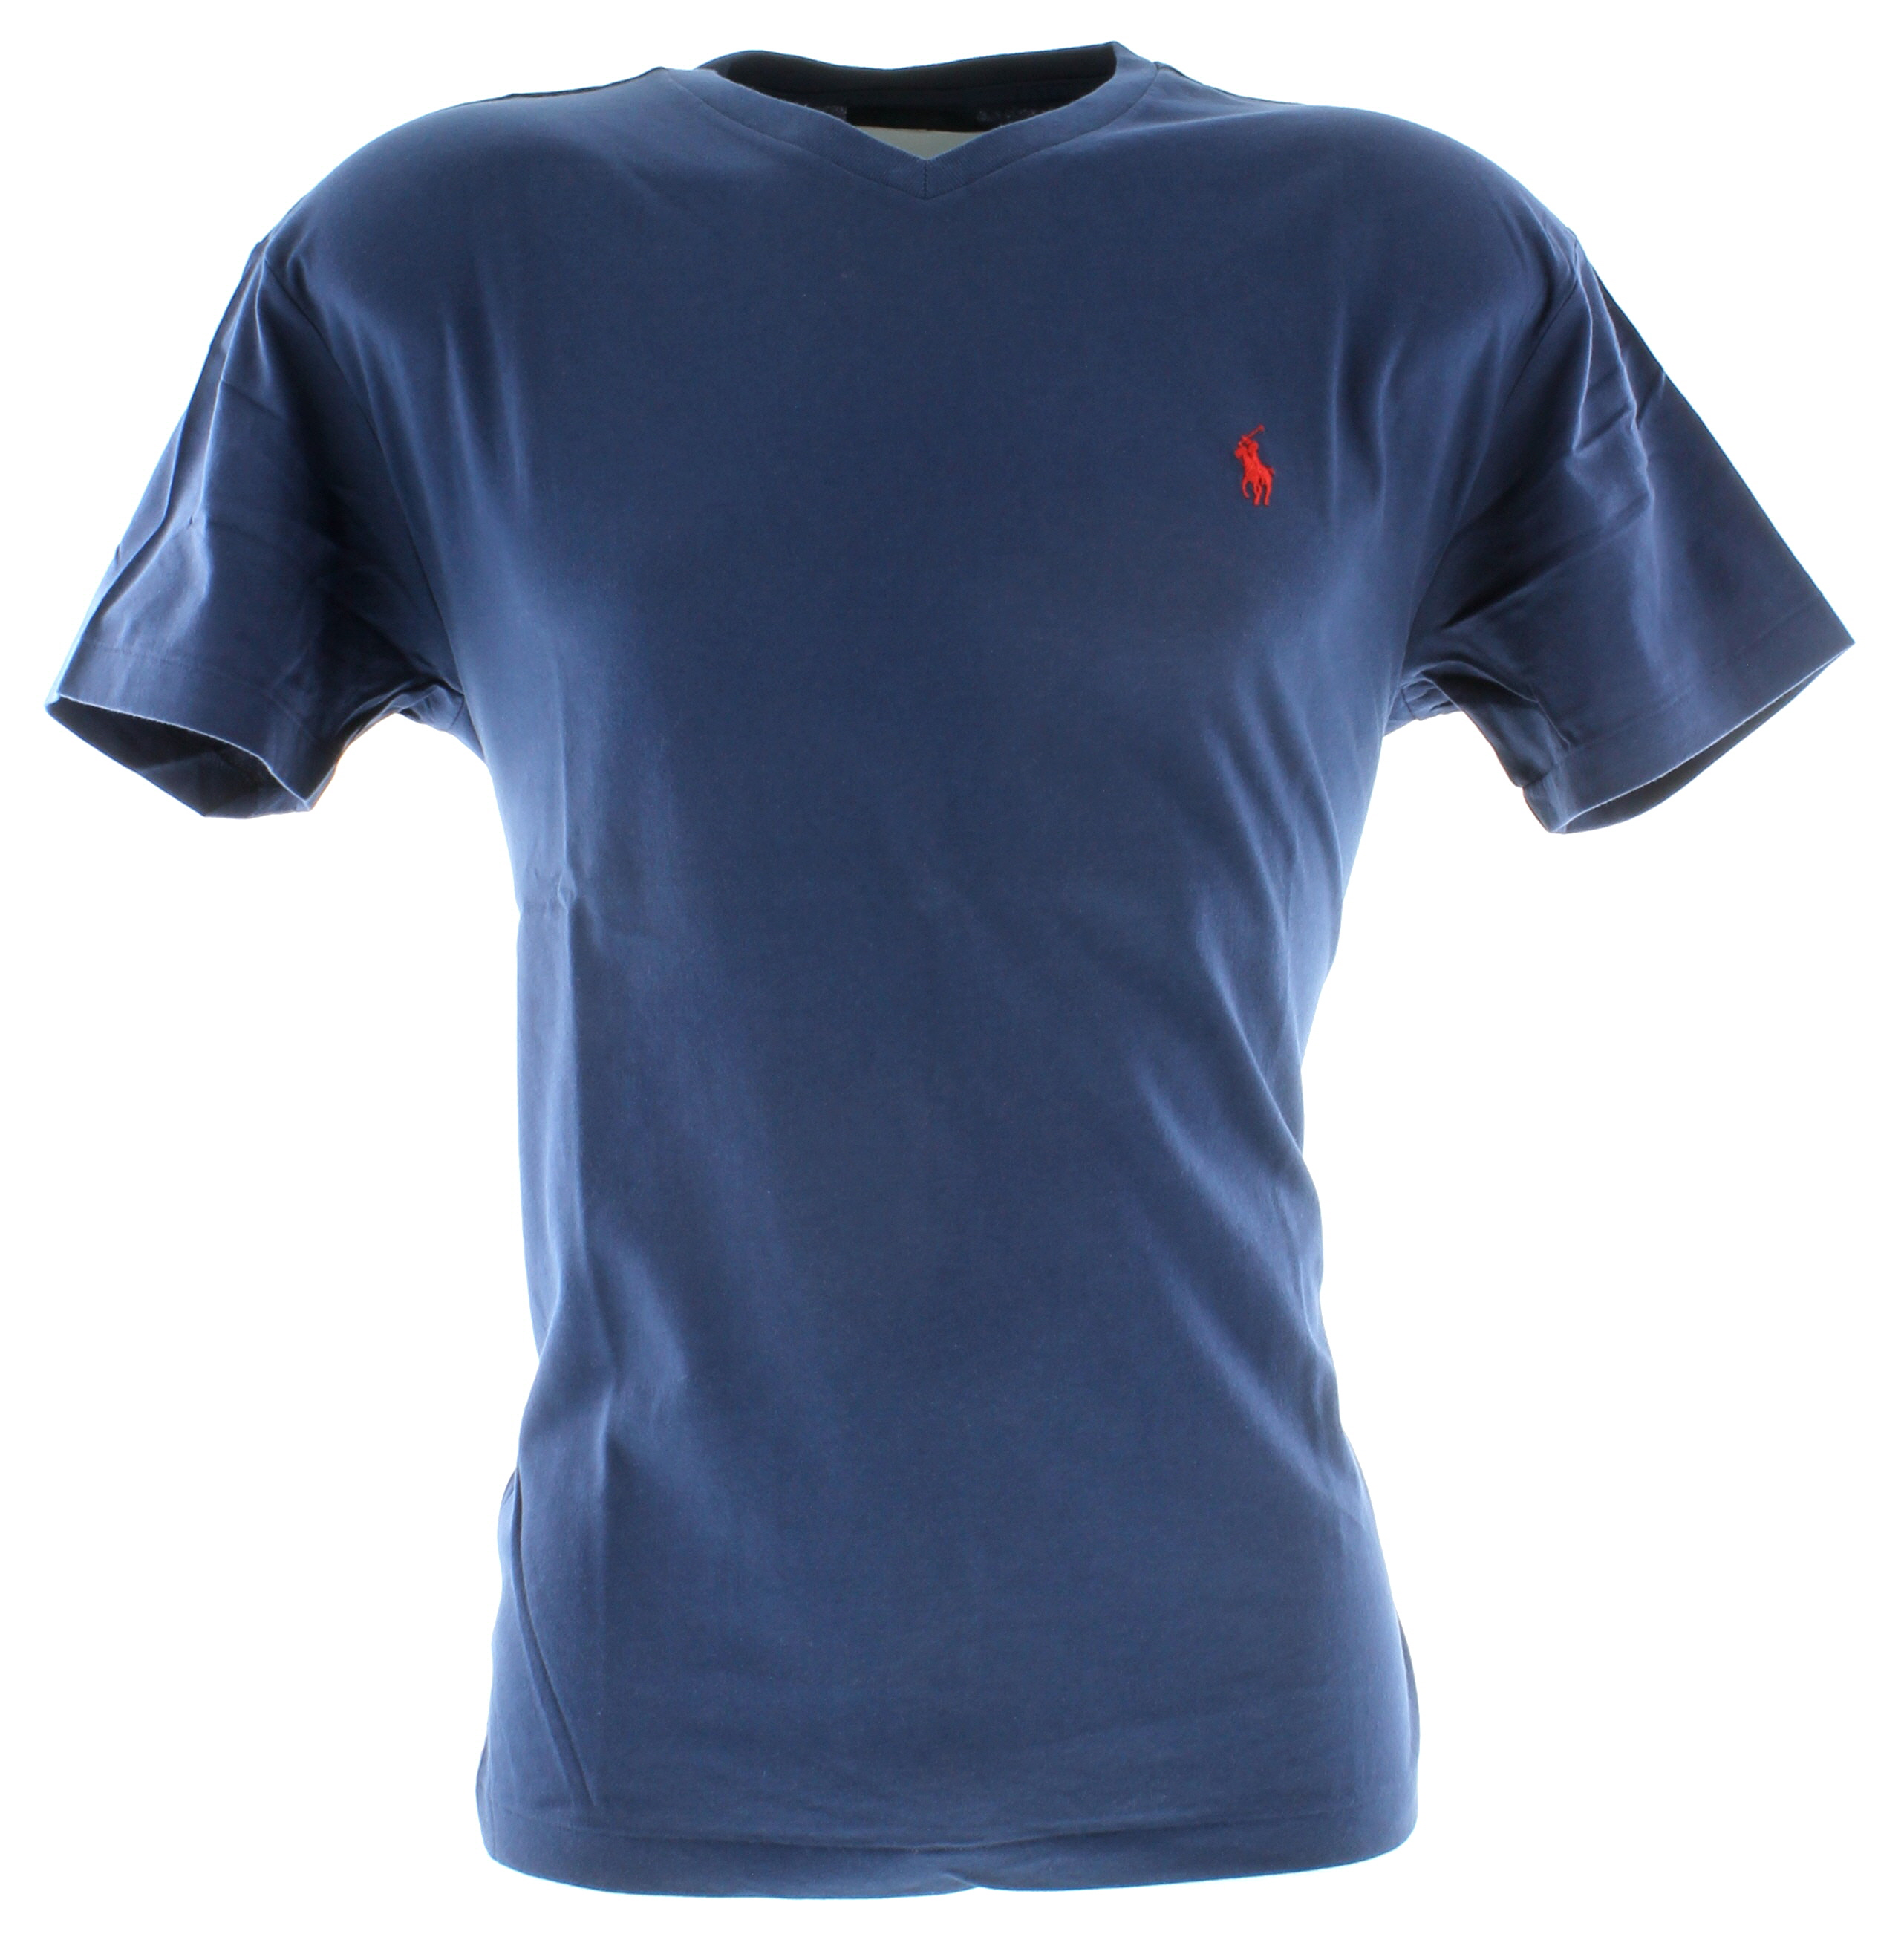 3c1c6c9ddb7d57 Découvrez tous les styles de t shirt ralph lauren pas cher pour hommes,  femmes et enfants dans une gamme de tailles et de styles.